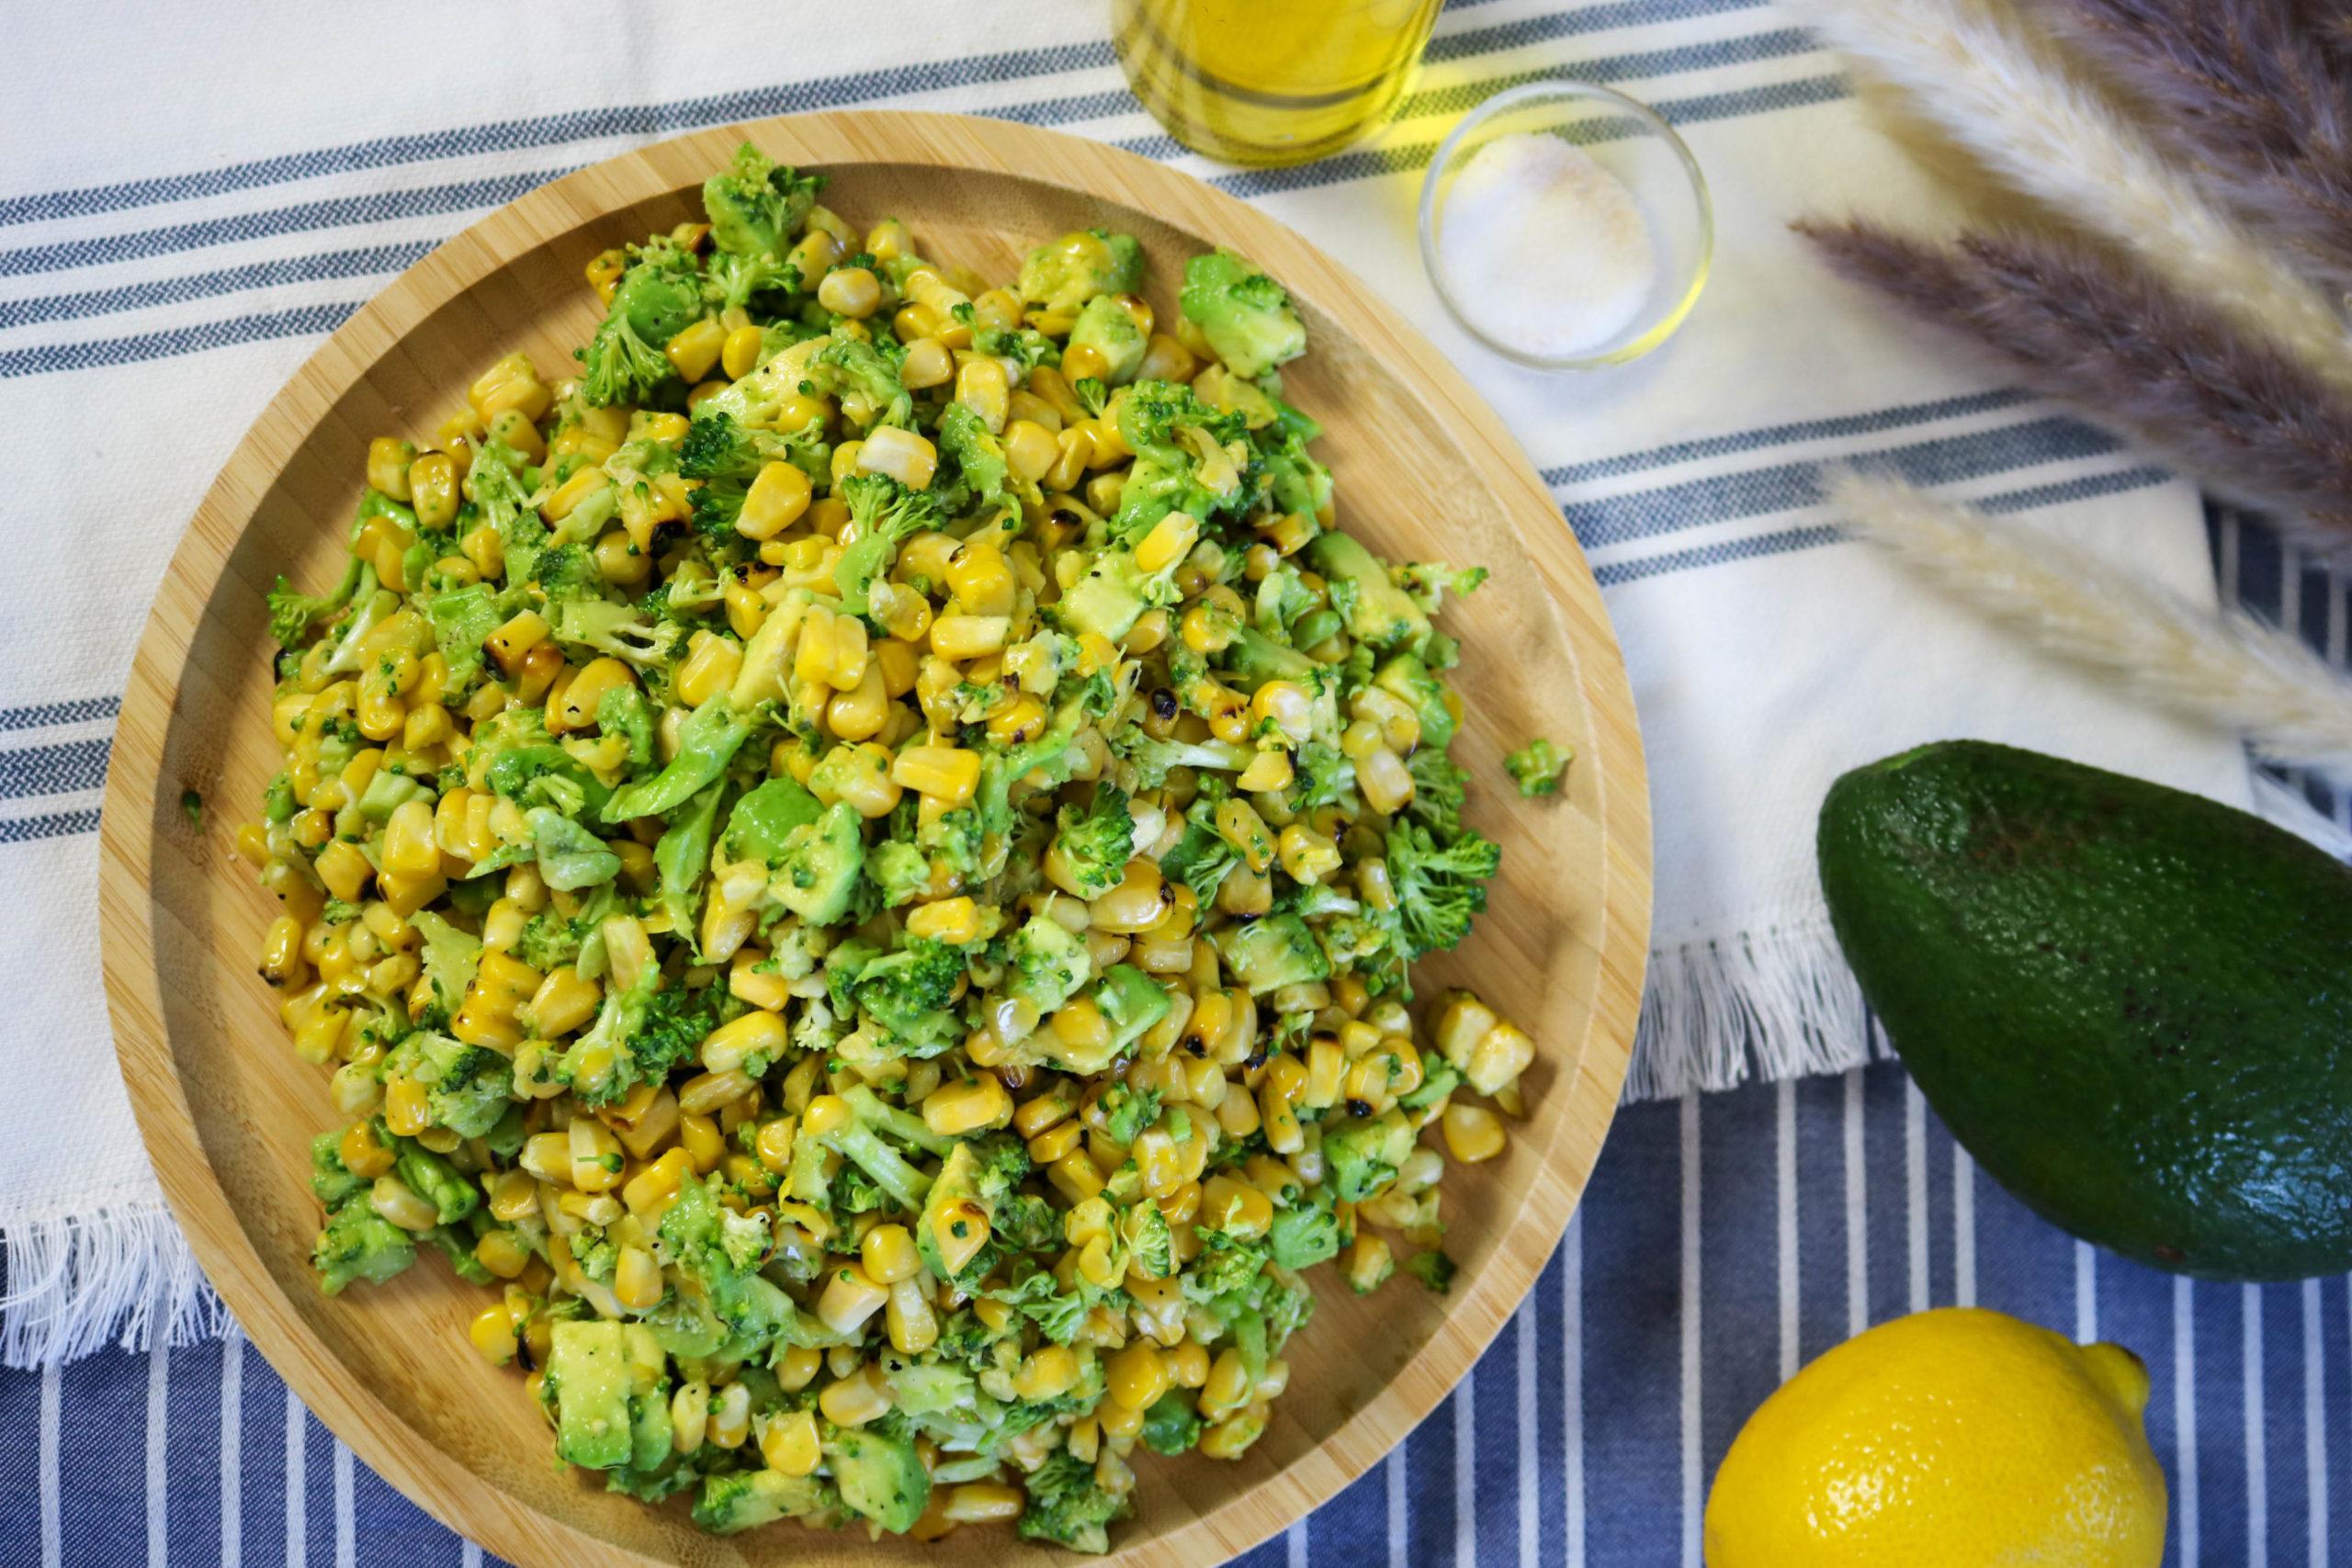 Healthy Corn Salad With Broccoli and Avocado